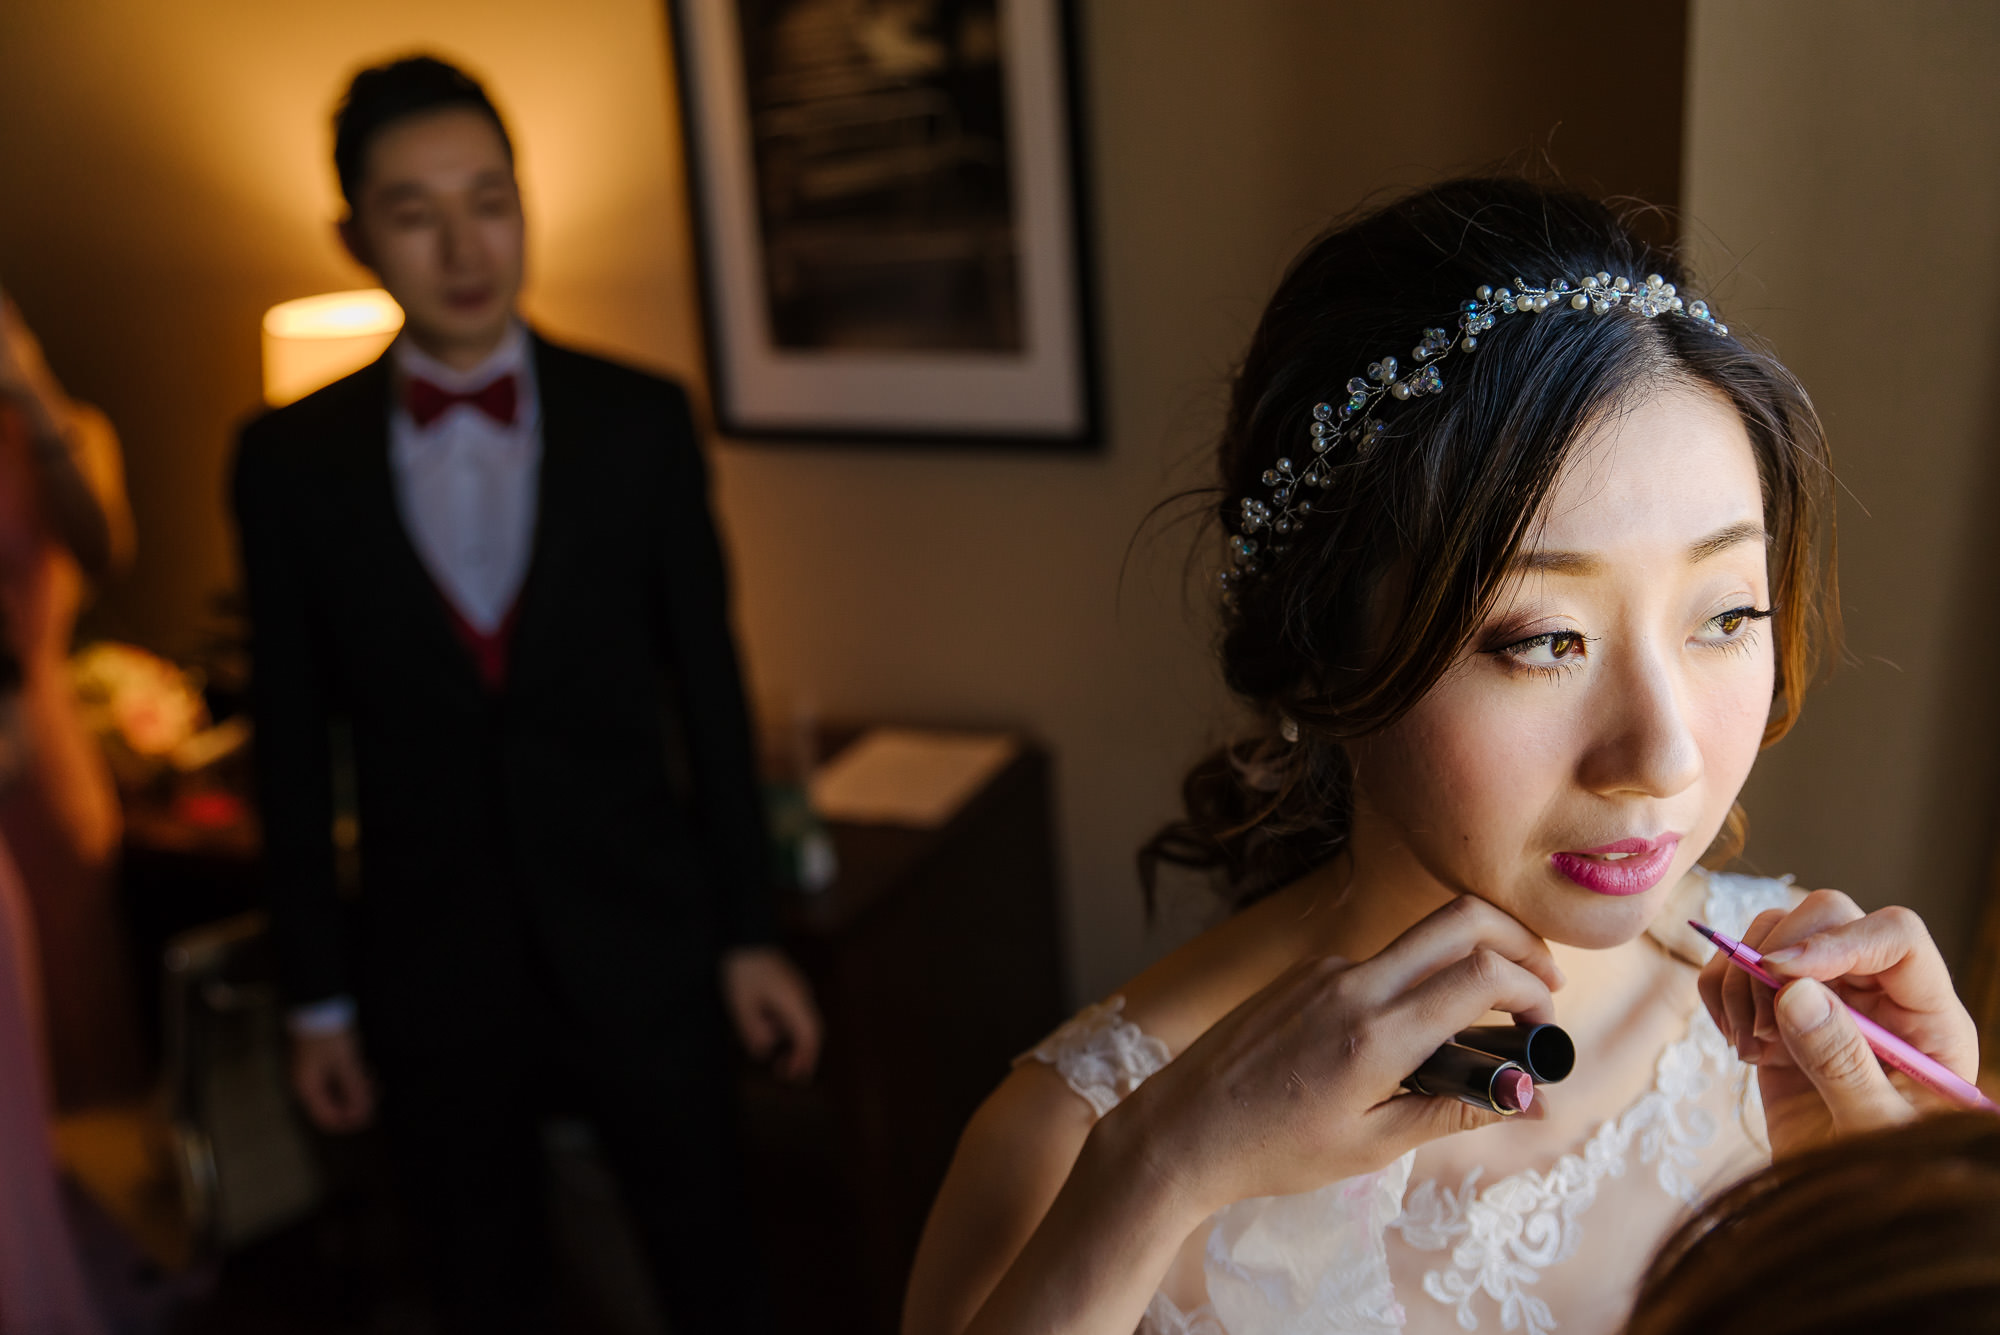 pacific_gateway_hotel_wedding_getting_ready 1436062.jpg